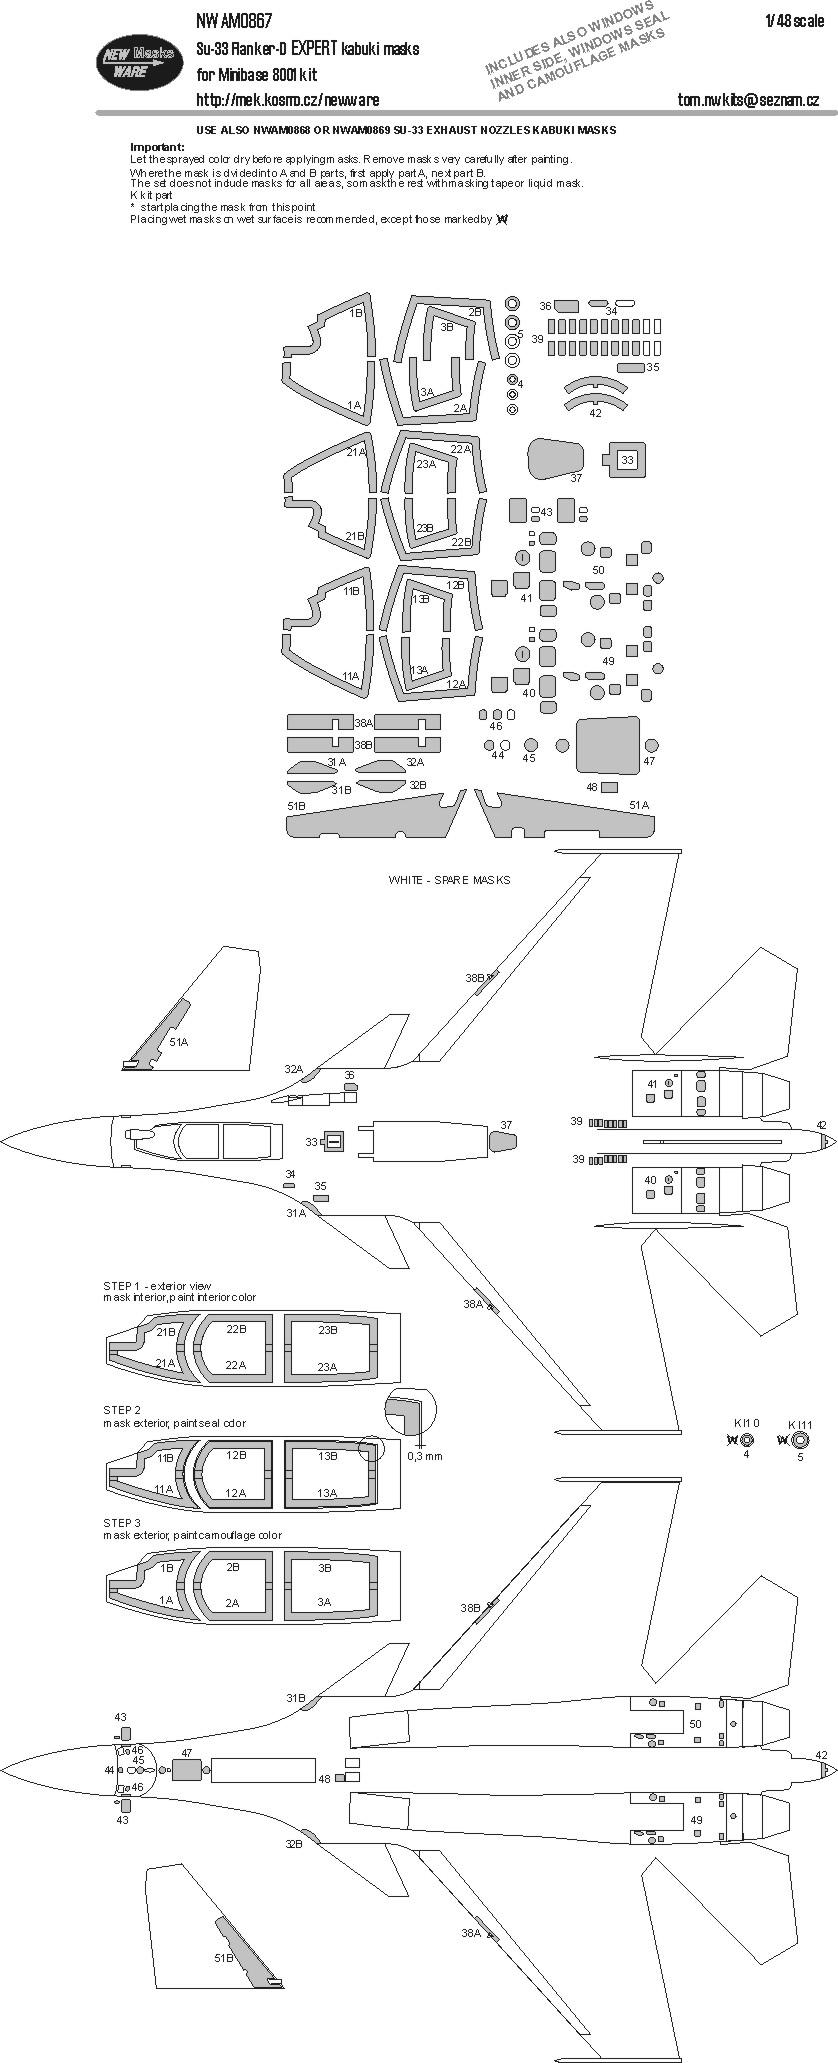 NWAM0867